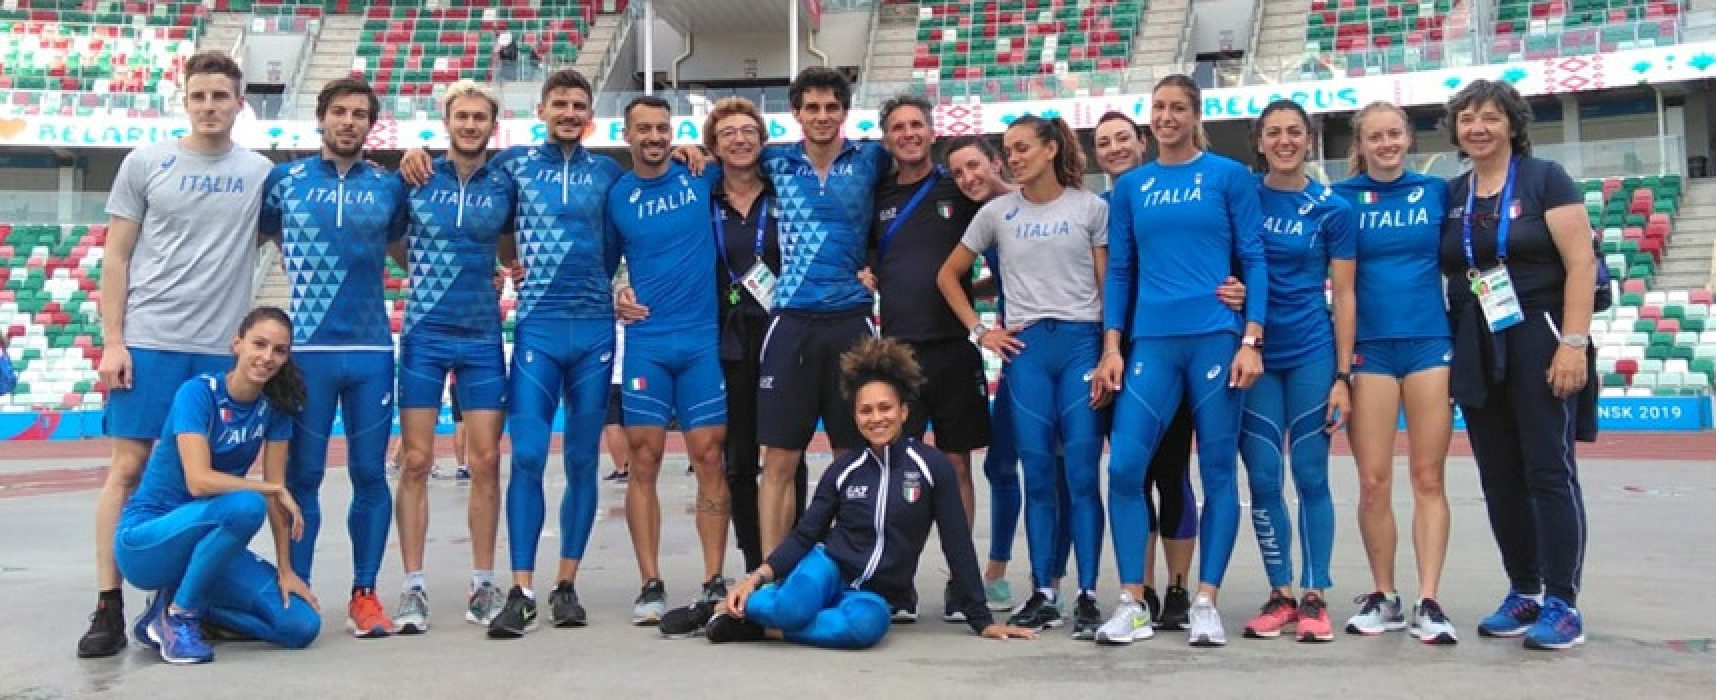 Giochi Europei di Minsk: Haliti in finale con la 4×400 mista